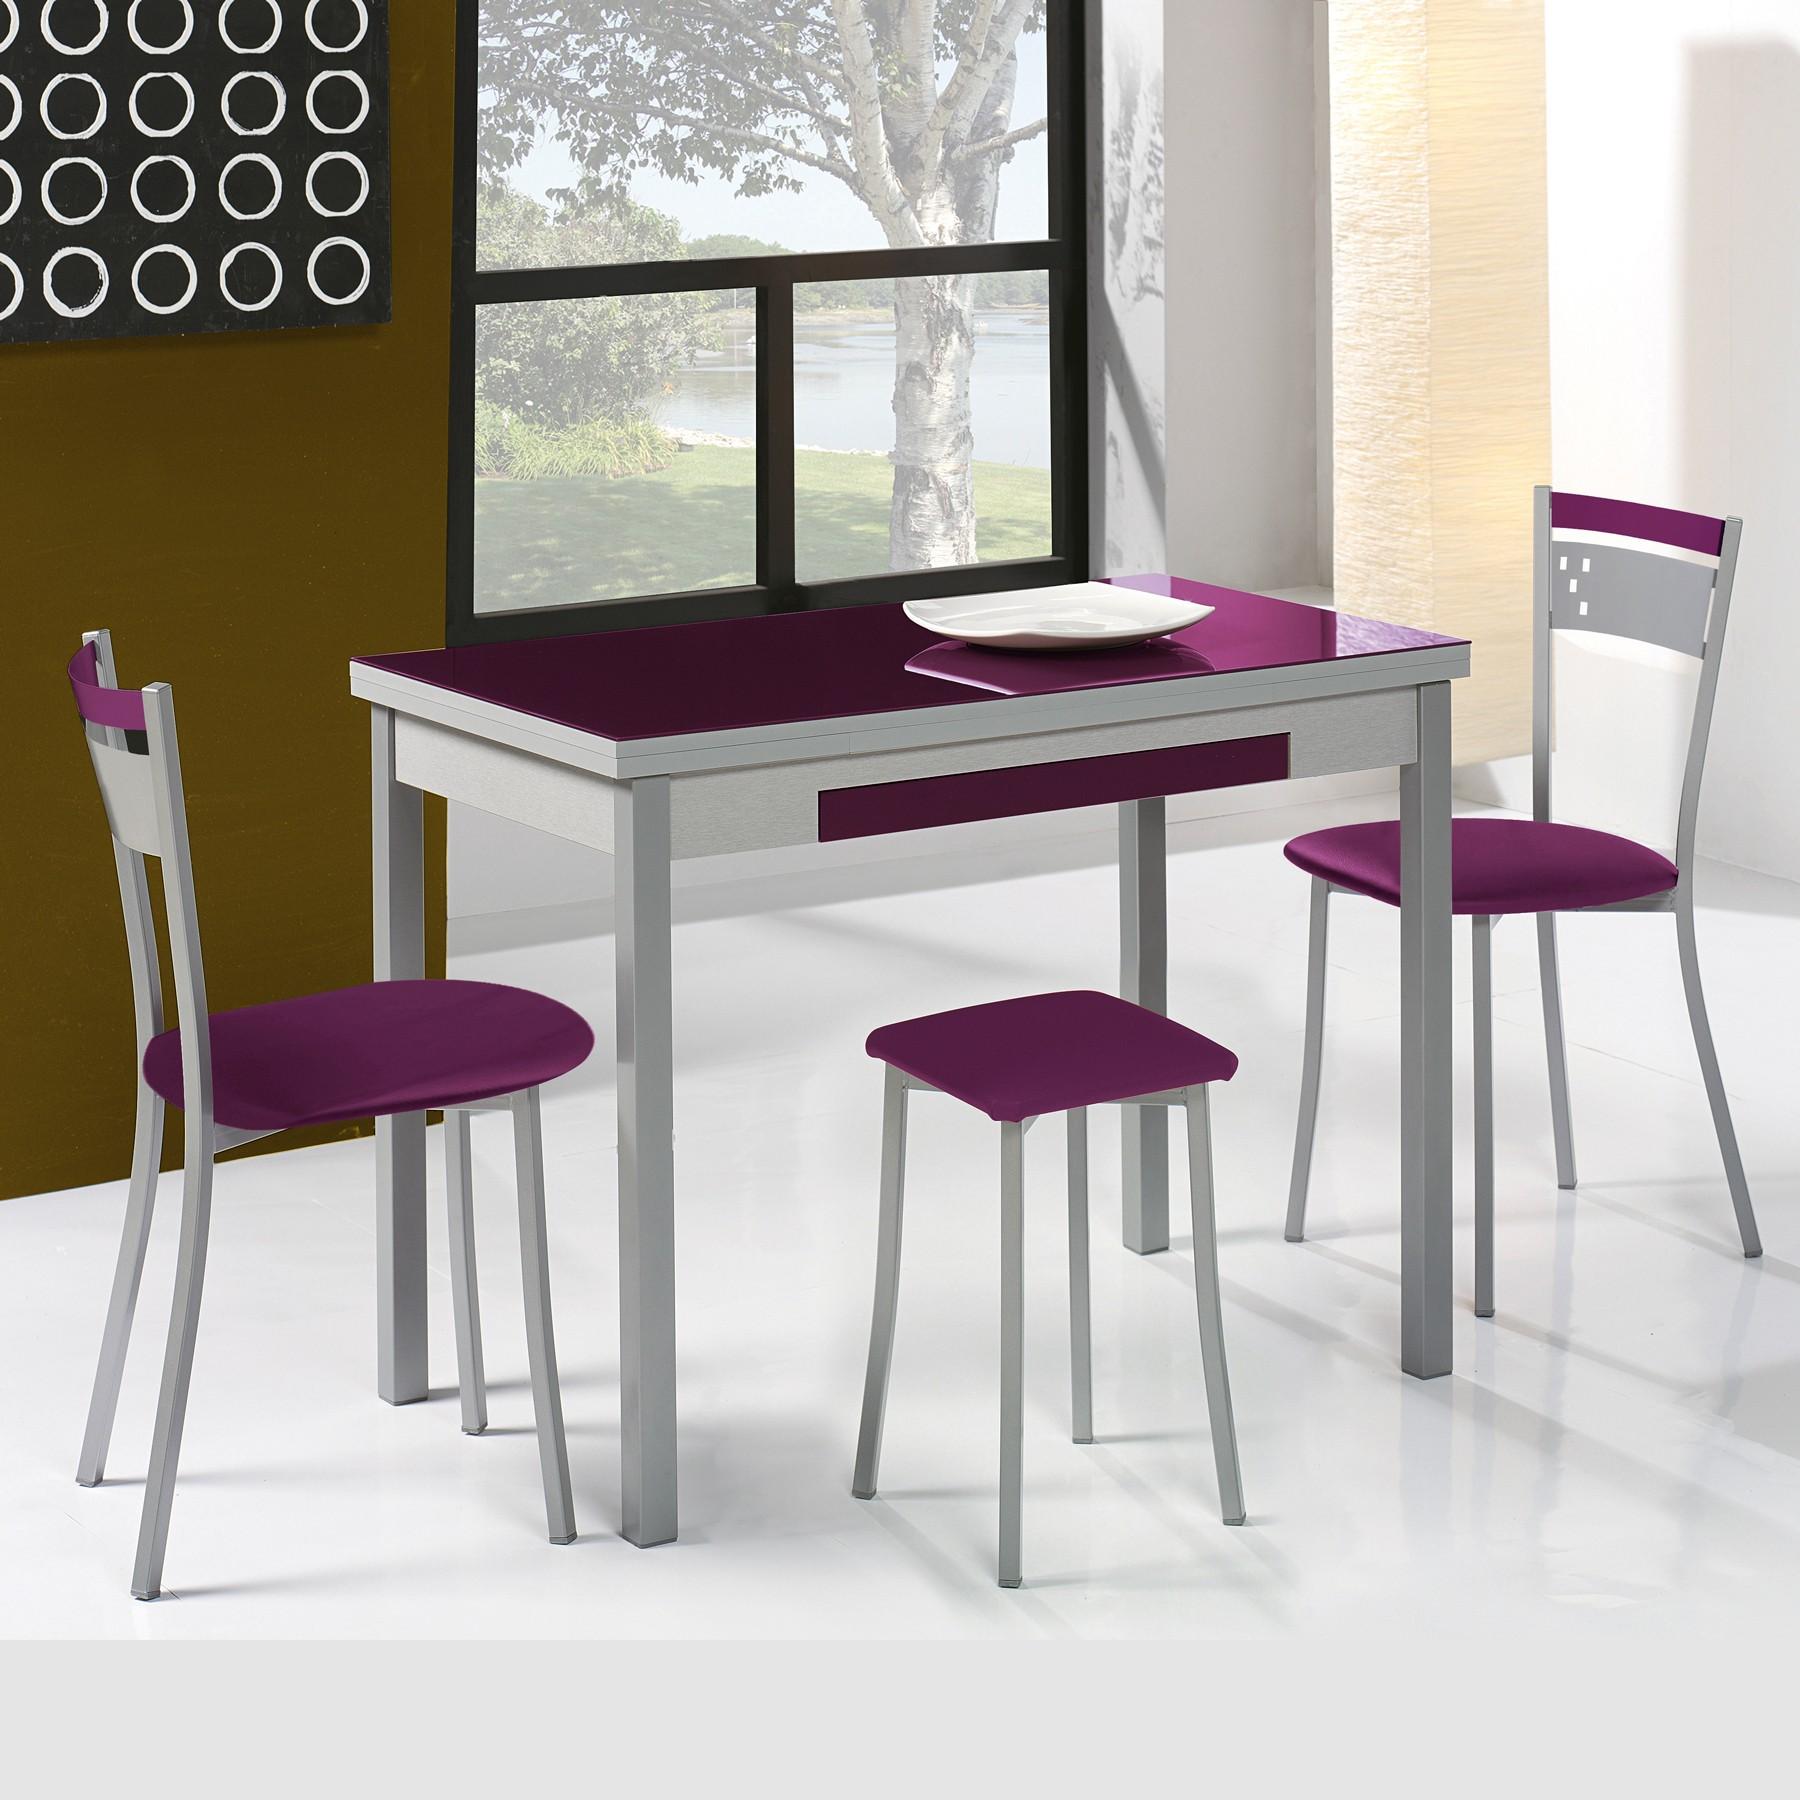 Packs conjuntos de mesas sillas y taburetes para cocinas con